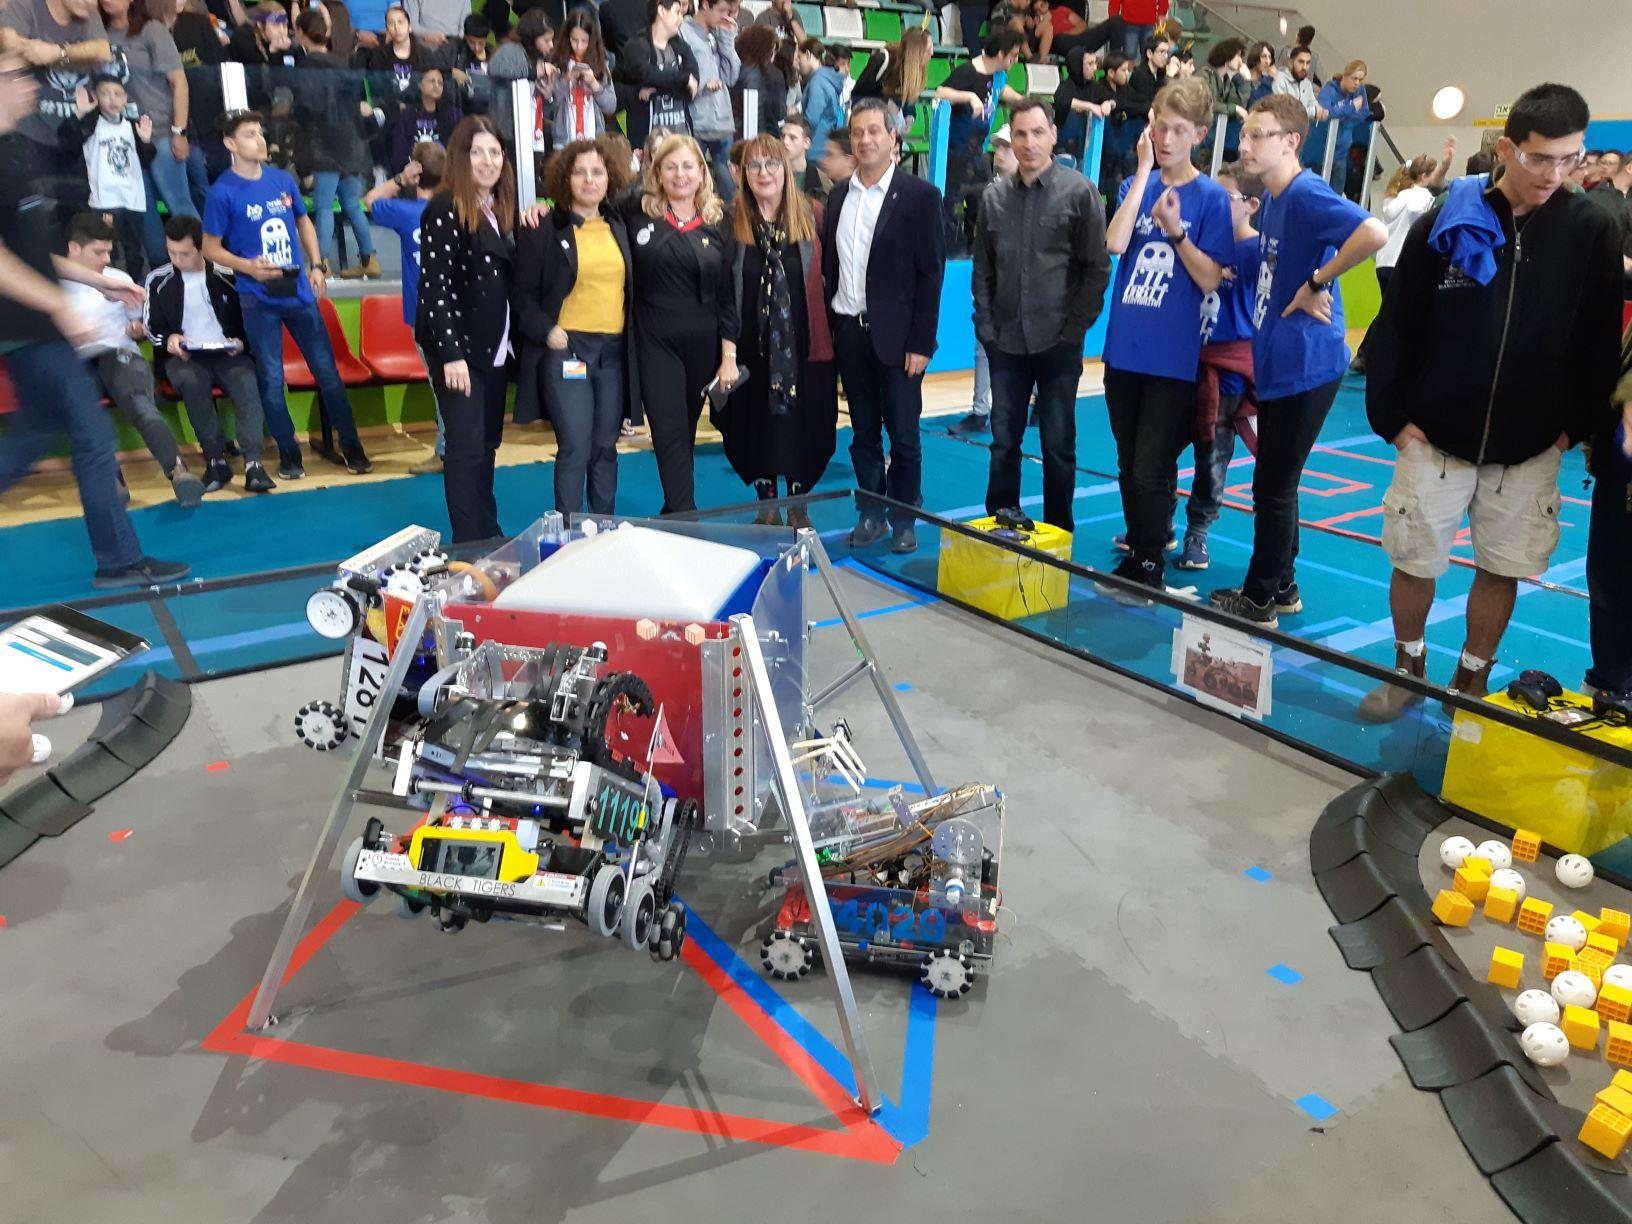 תחרות אימונים ברובוטיקה בנושא החלל